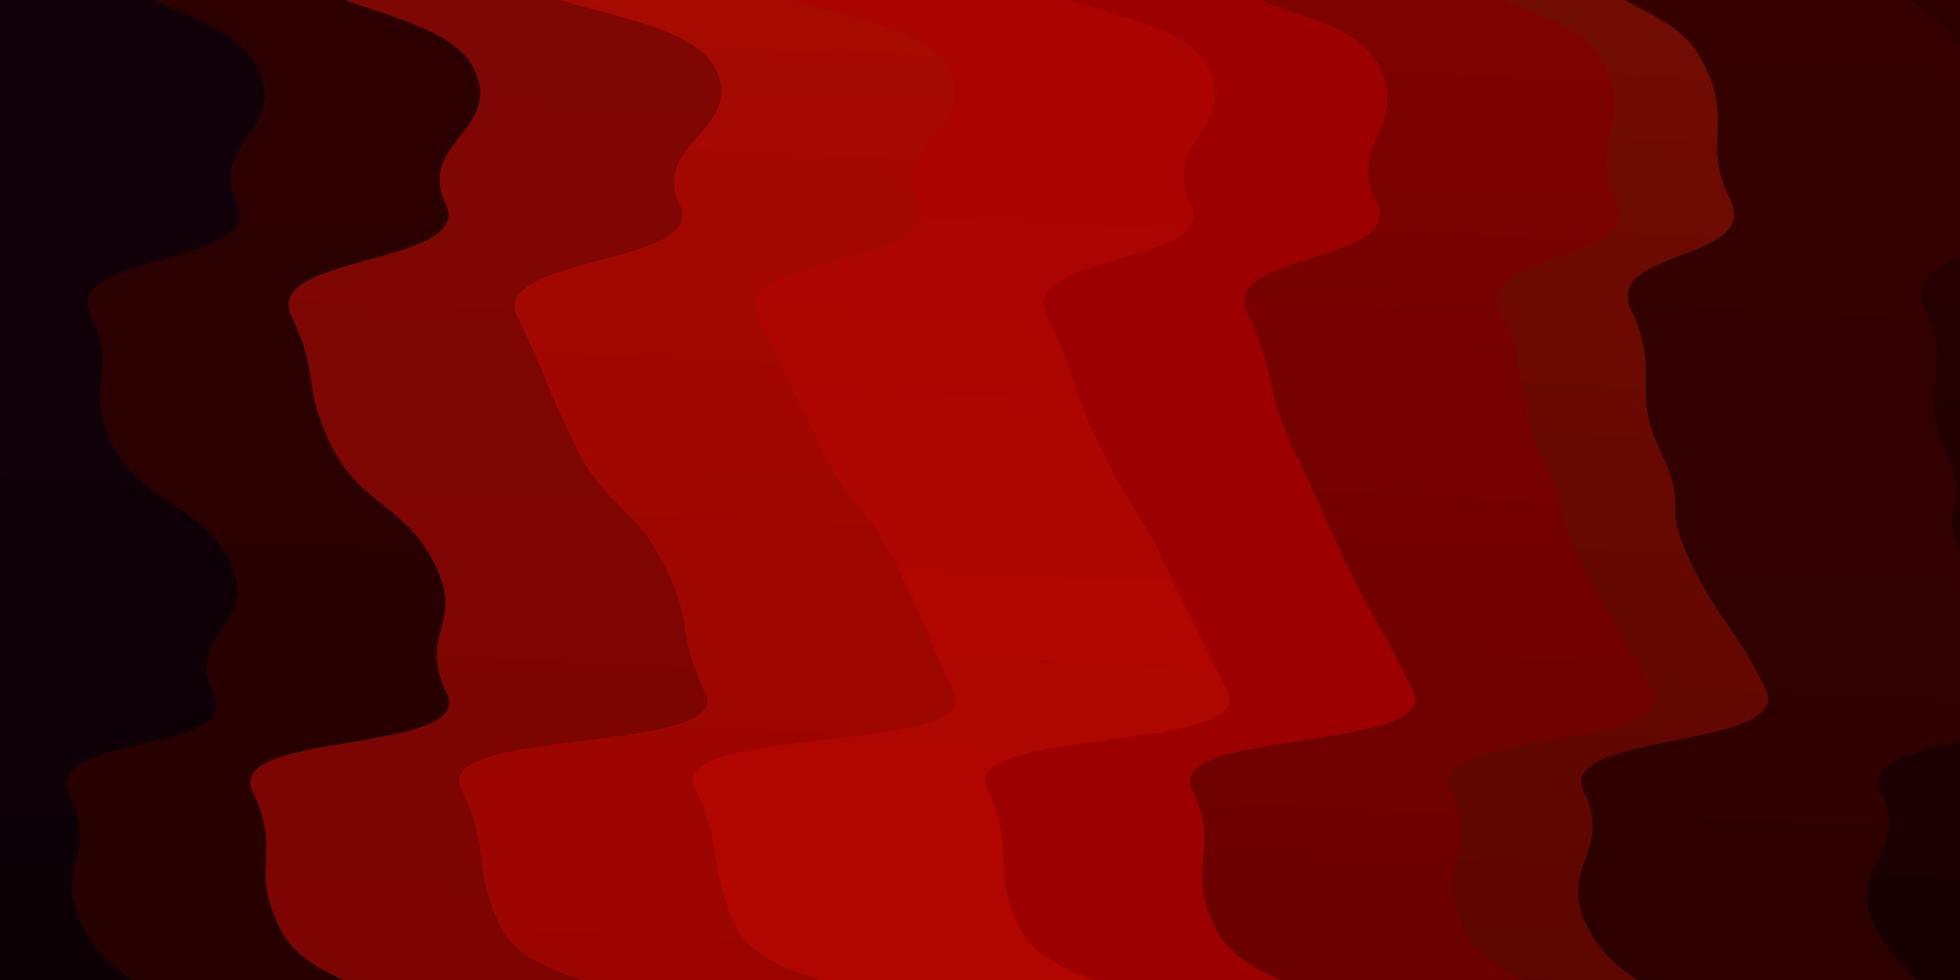 layout vettoriale rosso scuro con curve.